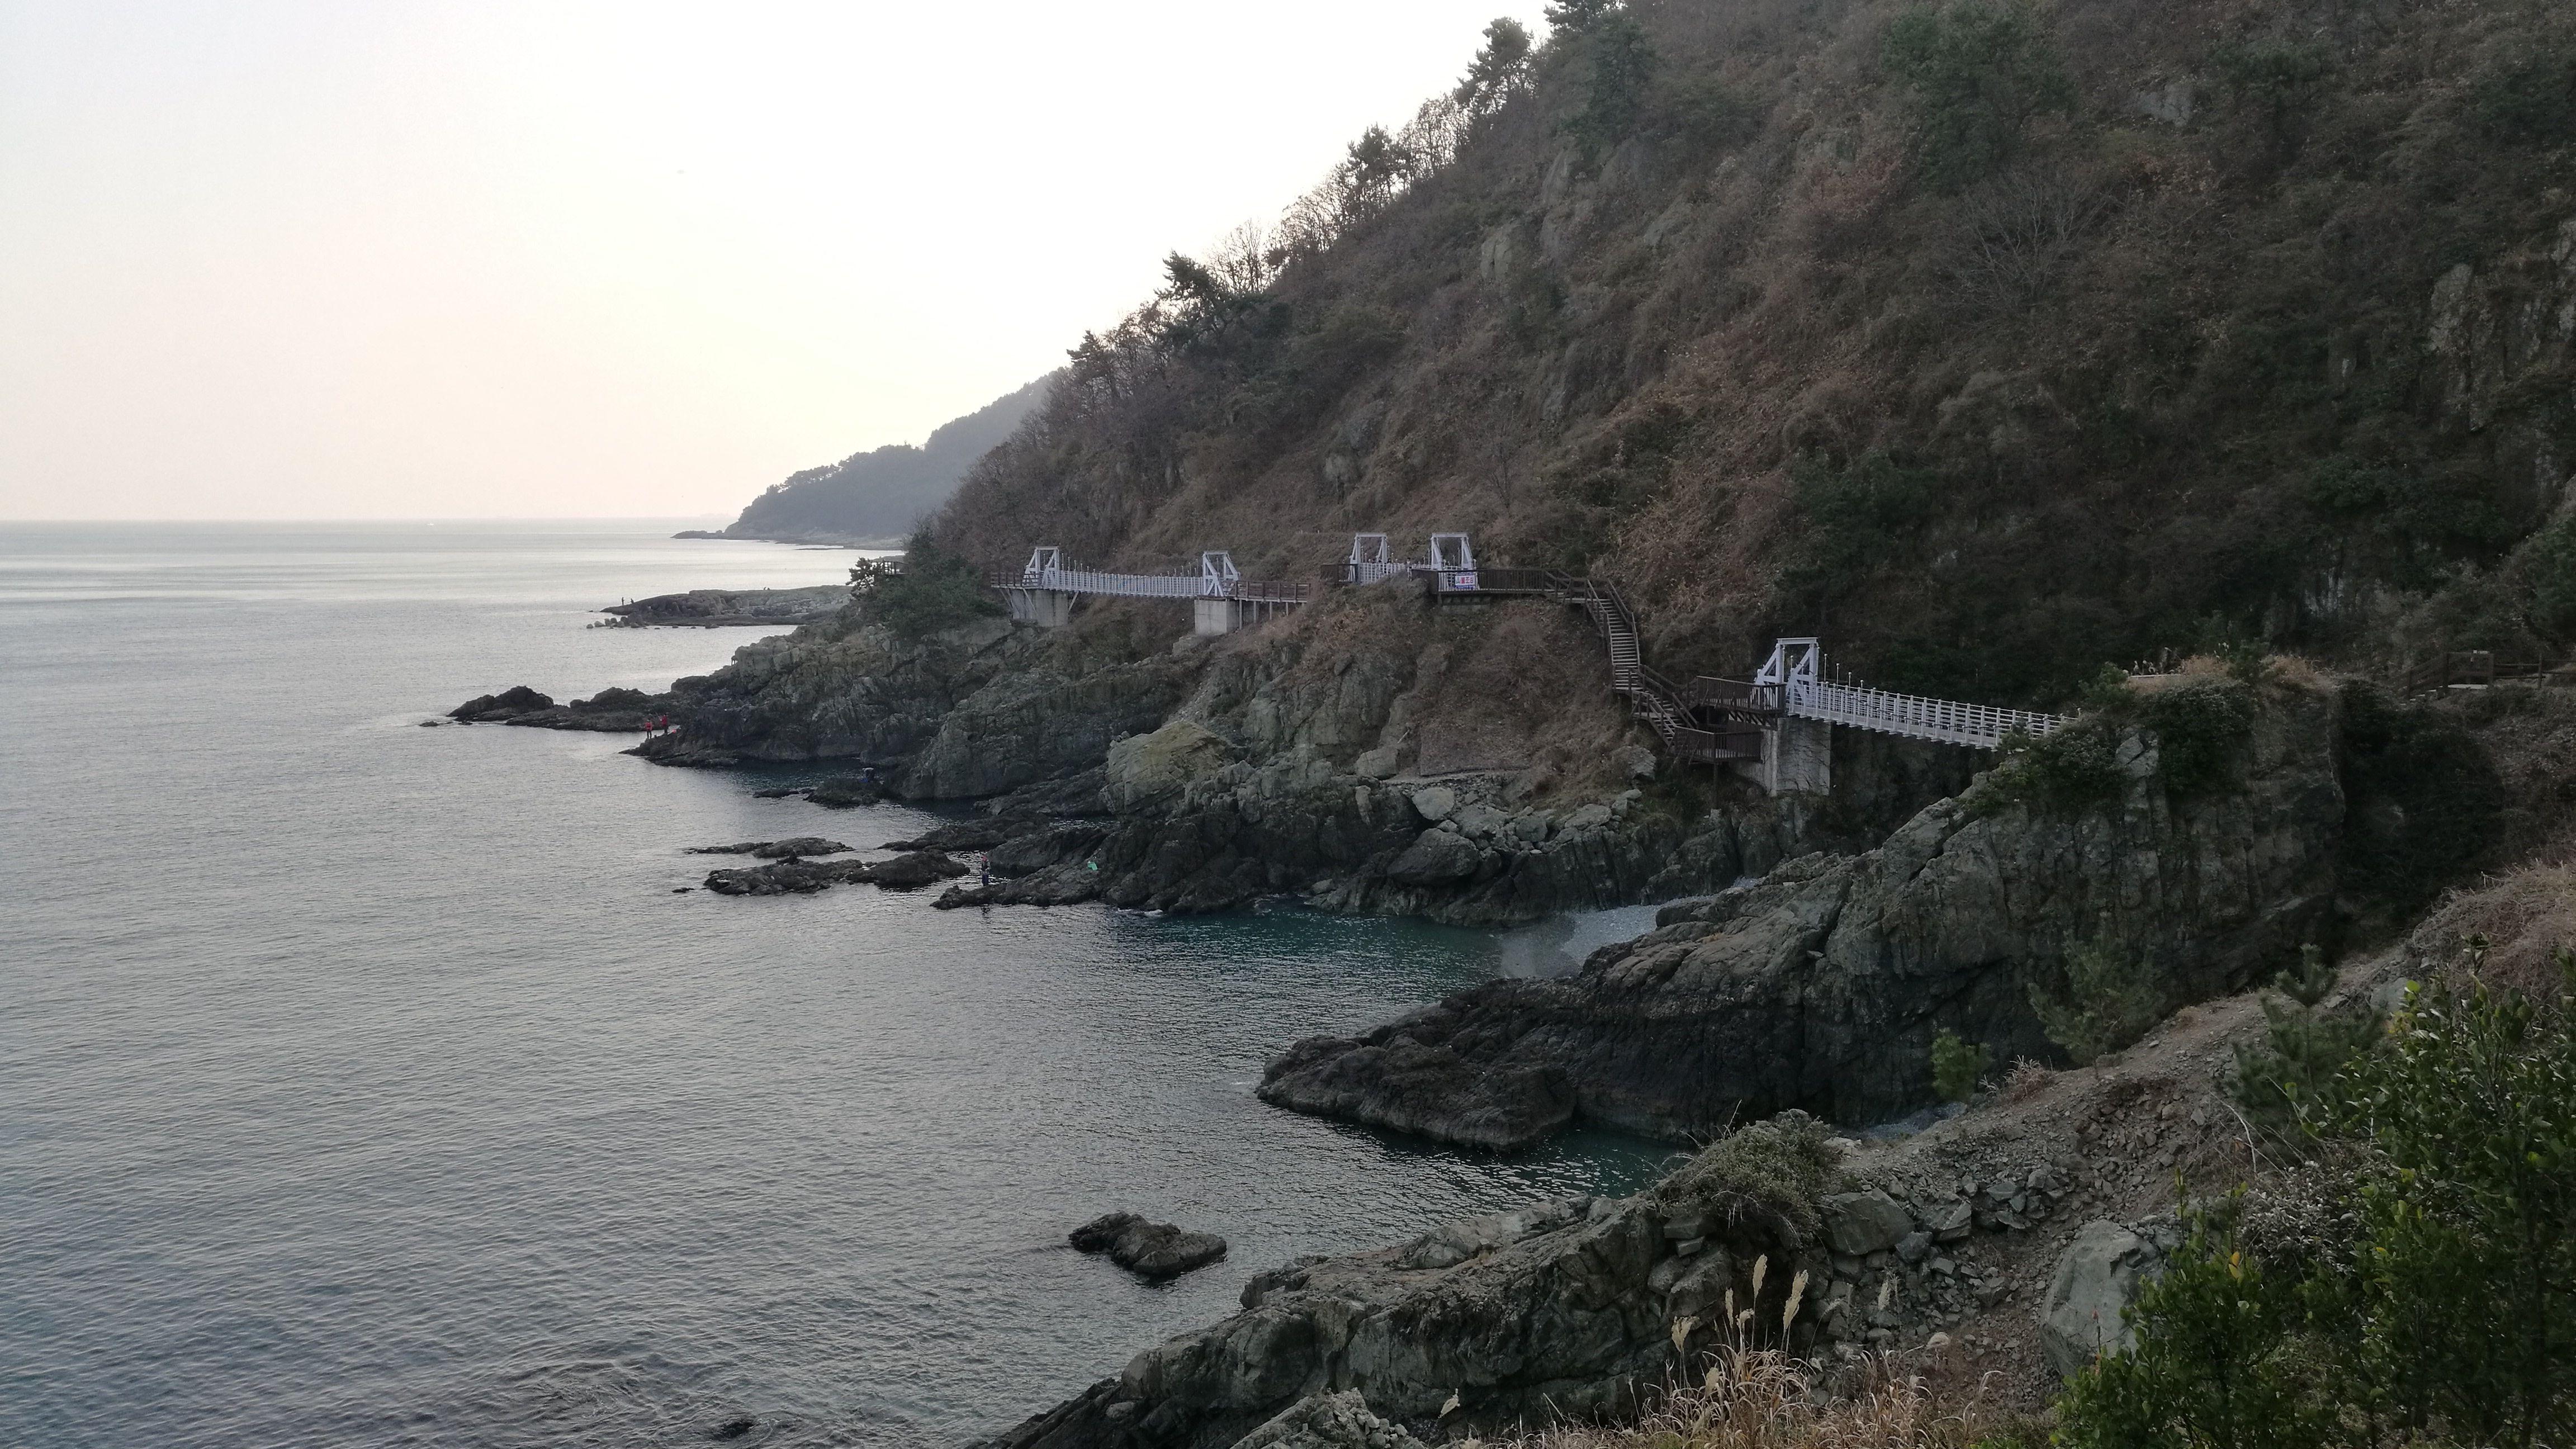 Paseo al lado del mar